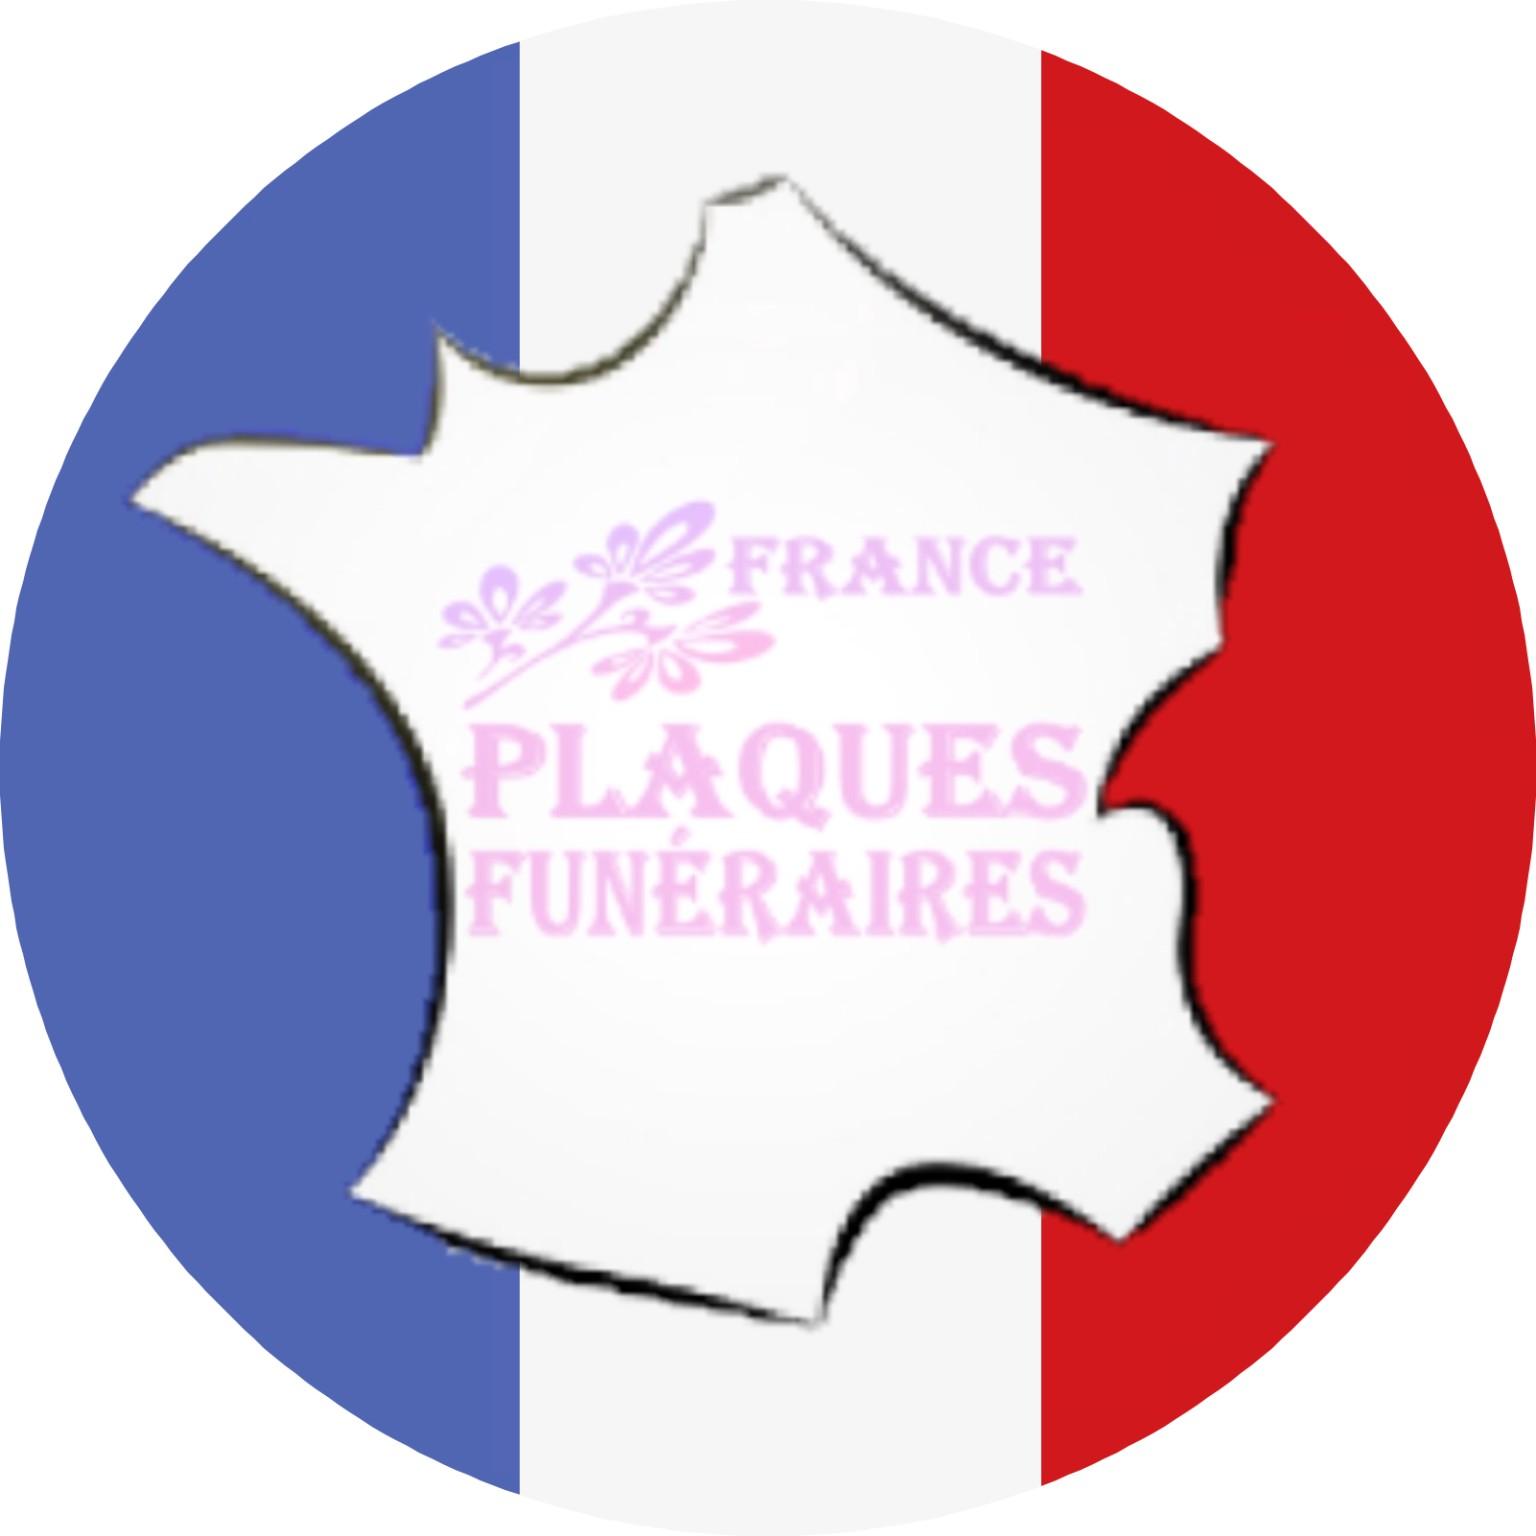 plaque funéraire fabriquée en France